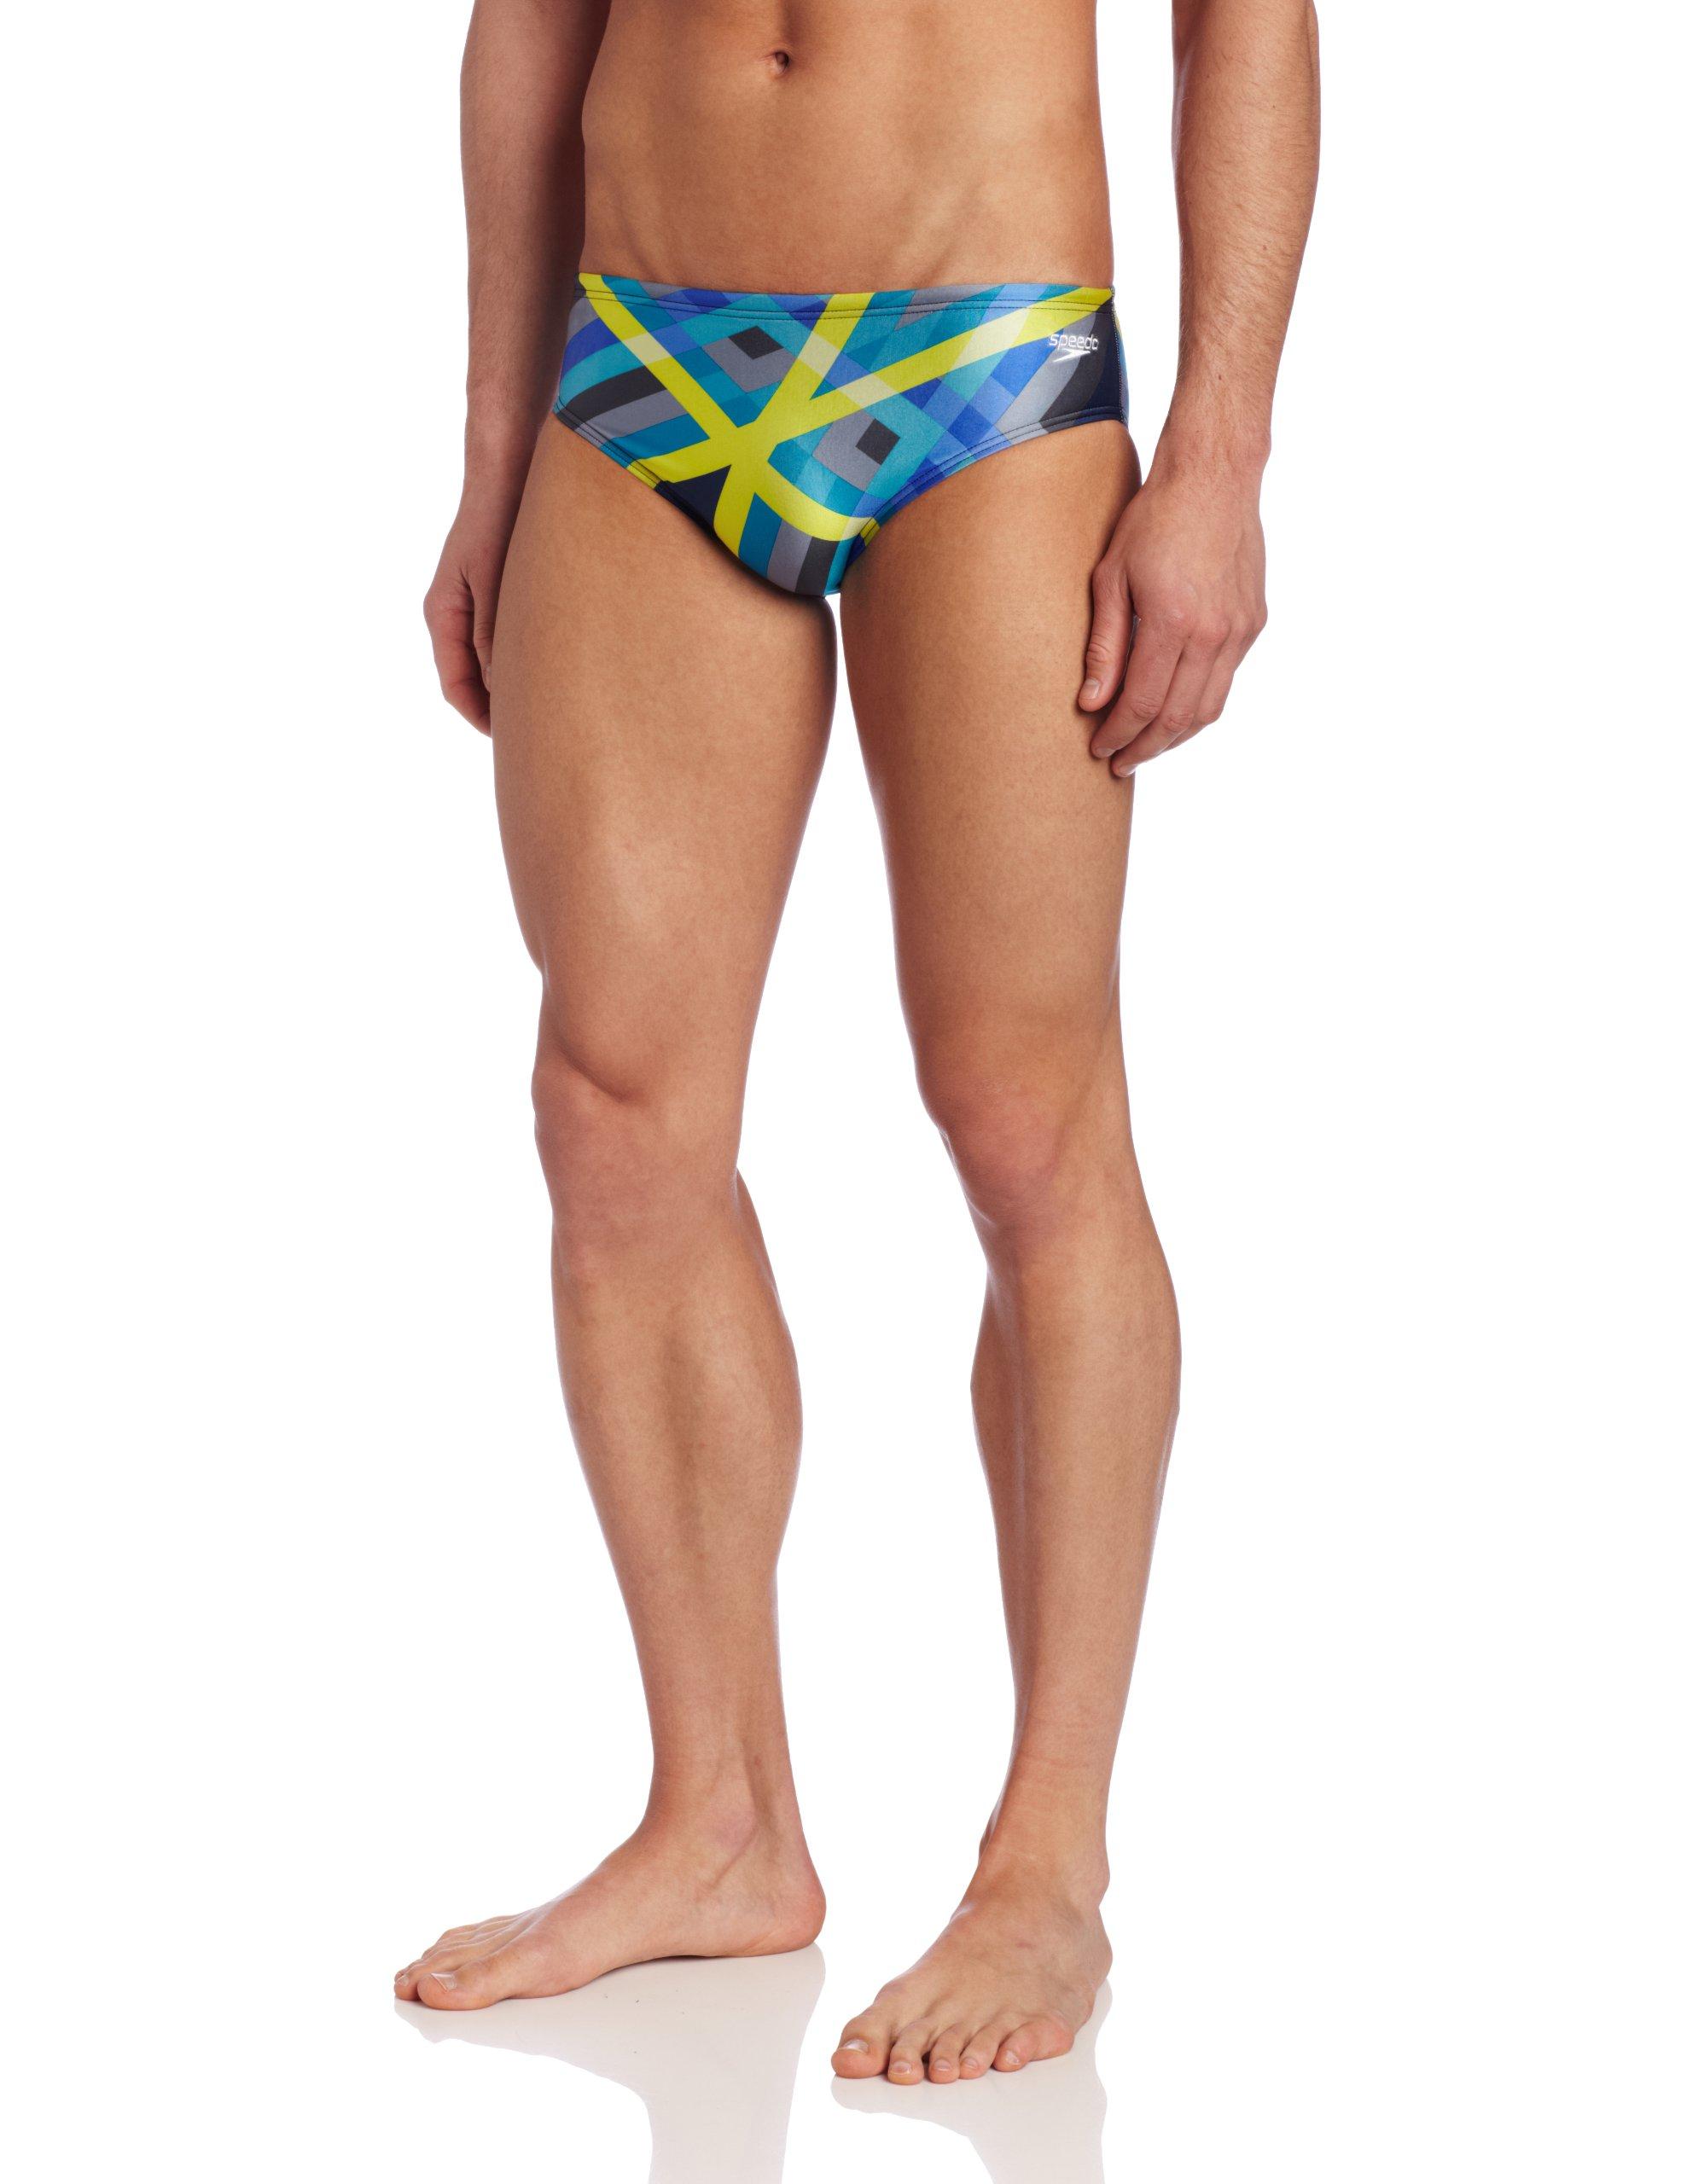 Speedo Men's Laser Stripe Brief Swimsuit, Blue, 38 by Speedo